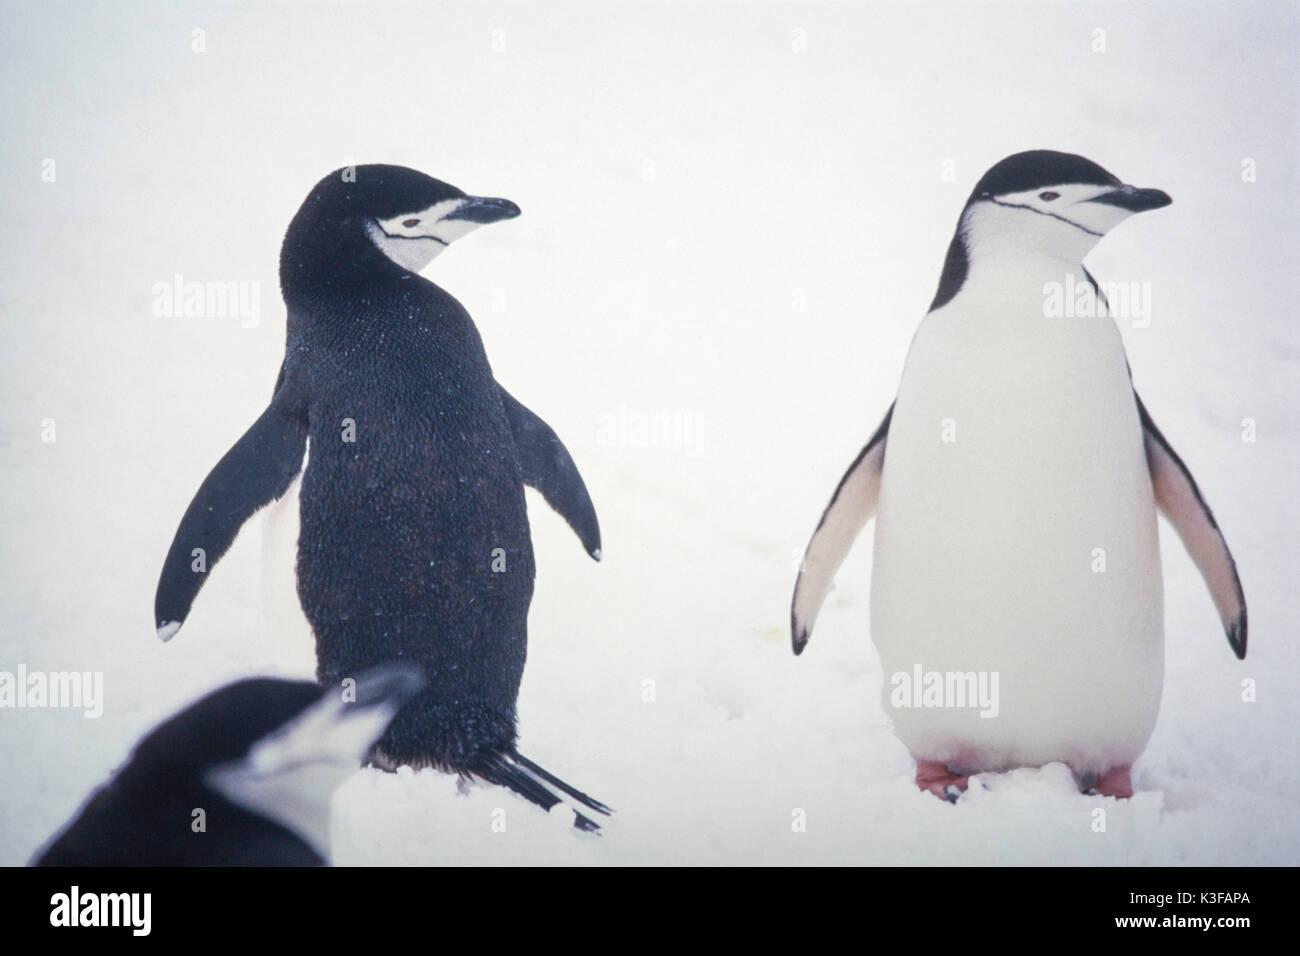 Rein penguins in Antarctic - Stock Image